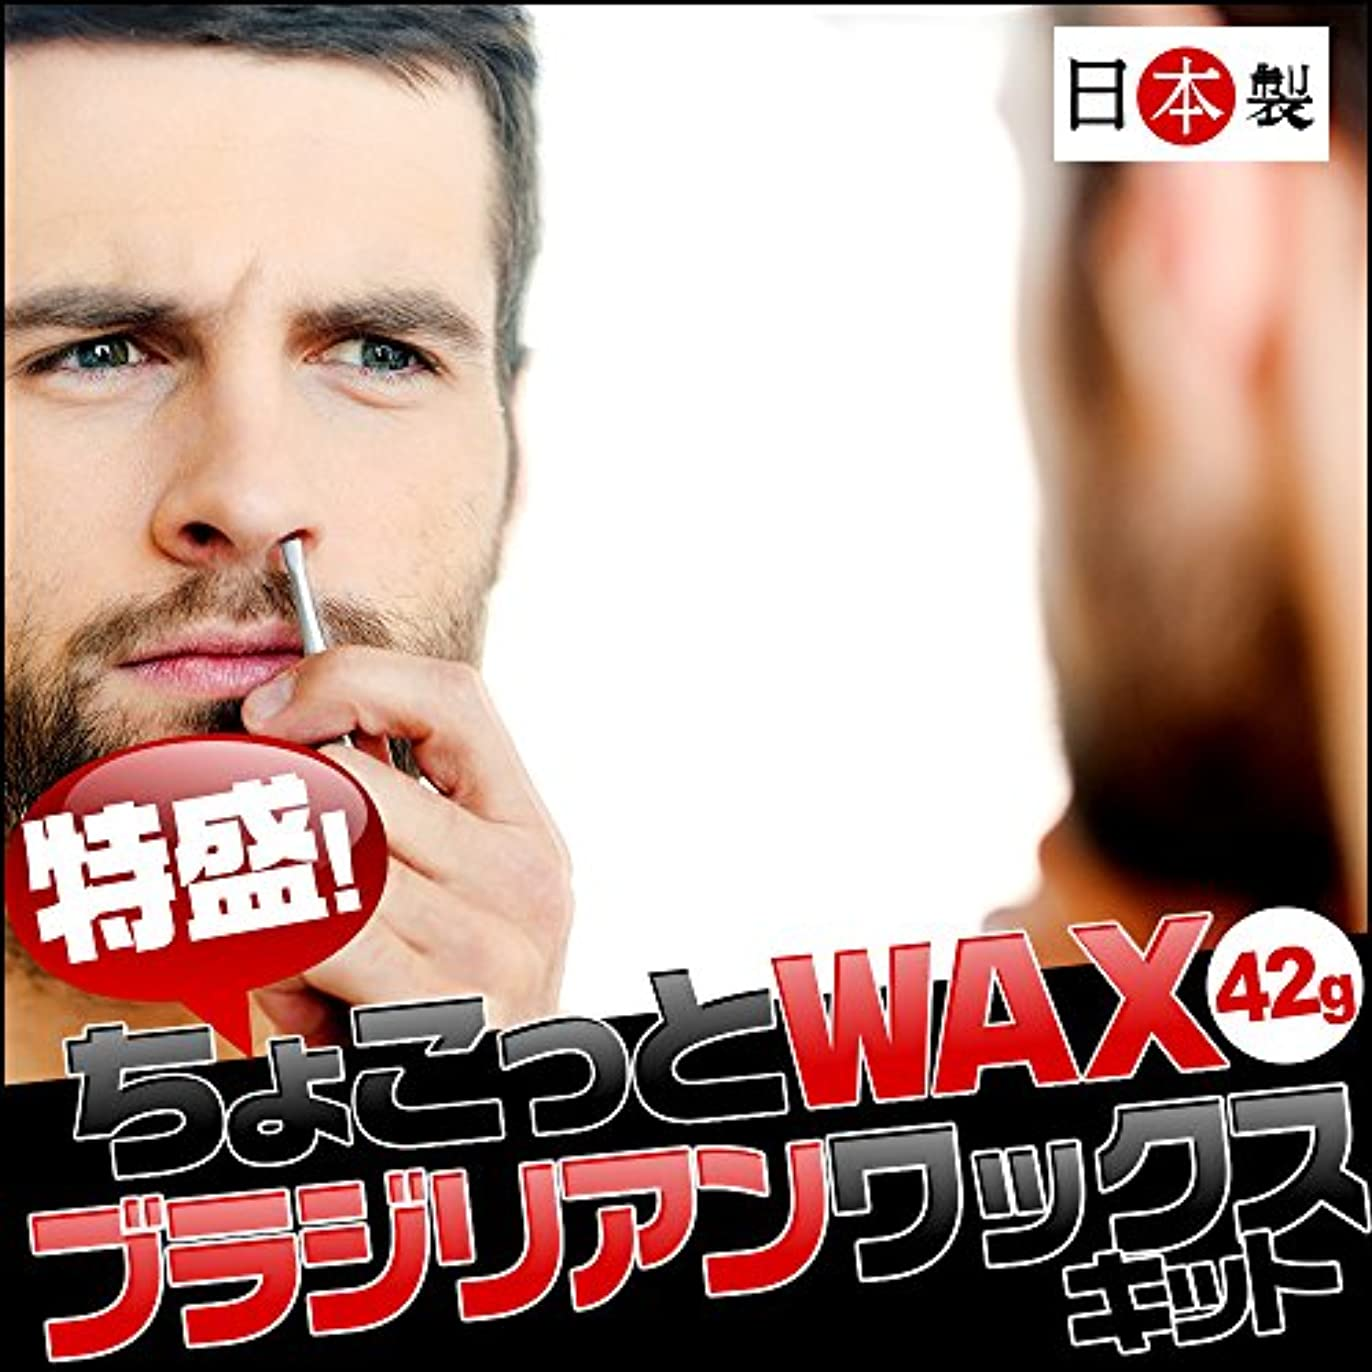 負担自発的絶縁する日本製ワックスで安心!鼻毛脱毛  特盛  ちょこっとWax 6回分 (鼻毛スティック12本)